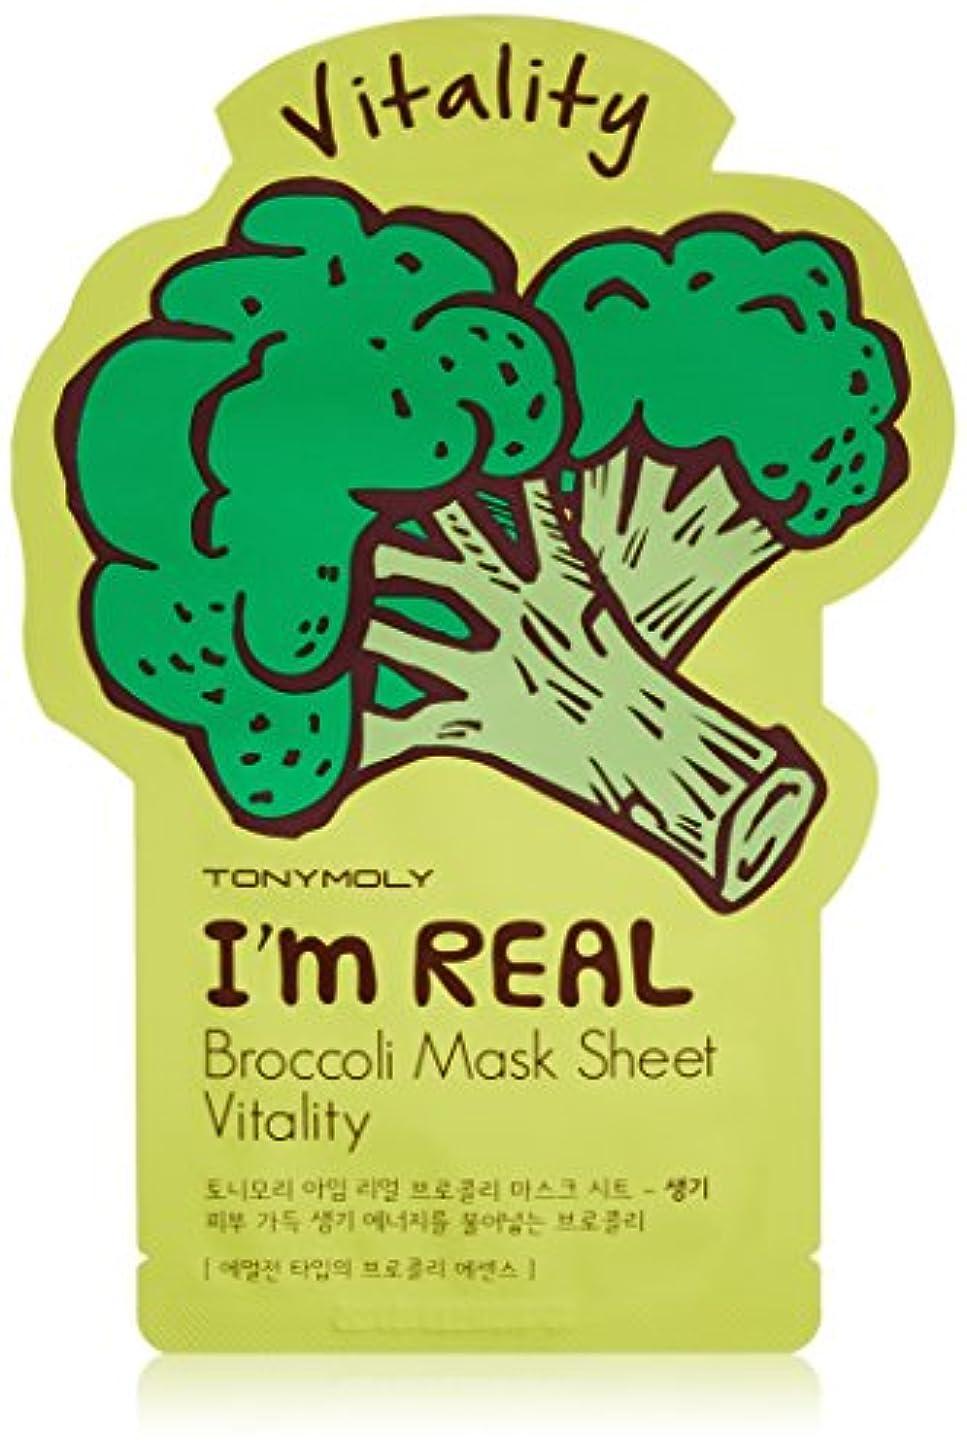 省略するピアニスト純度トニーモリー I'm Real Mask Sheet - Broccoli - Vitality 10x21ml/0.71oz